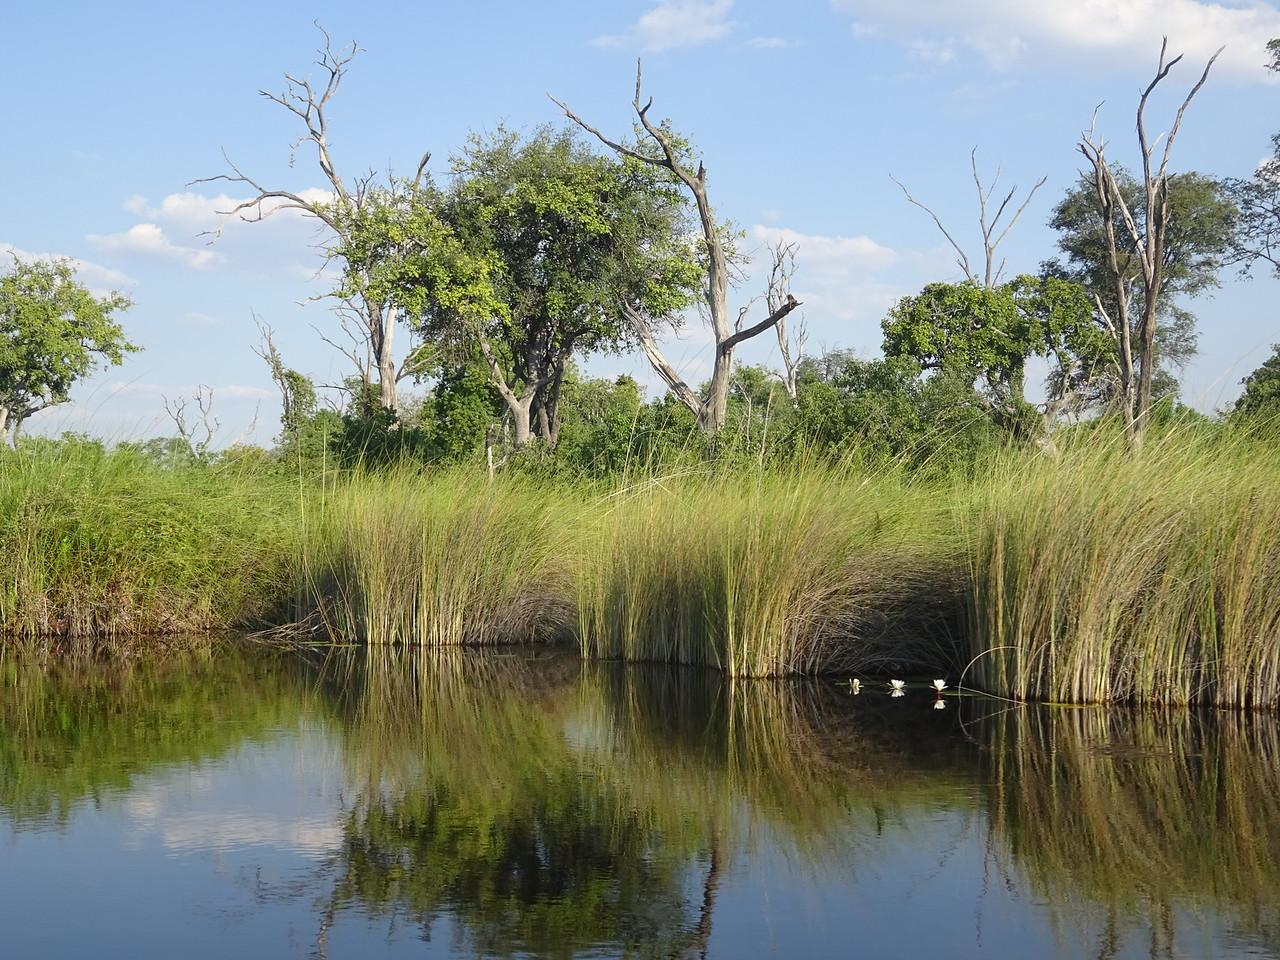 106_Okavango Delta, Moremi Game Reserve  Waterways Safari